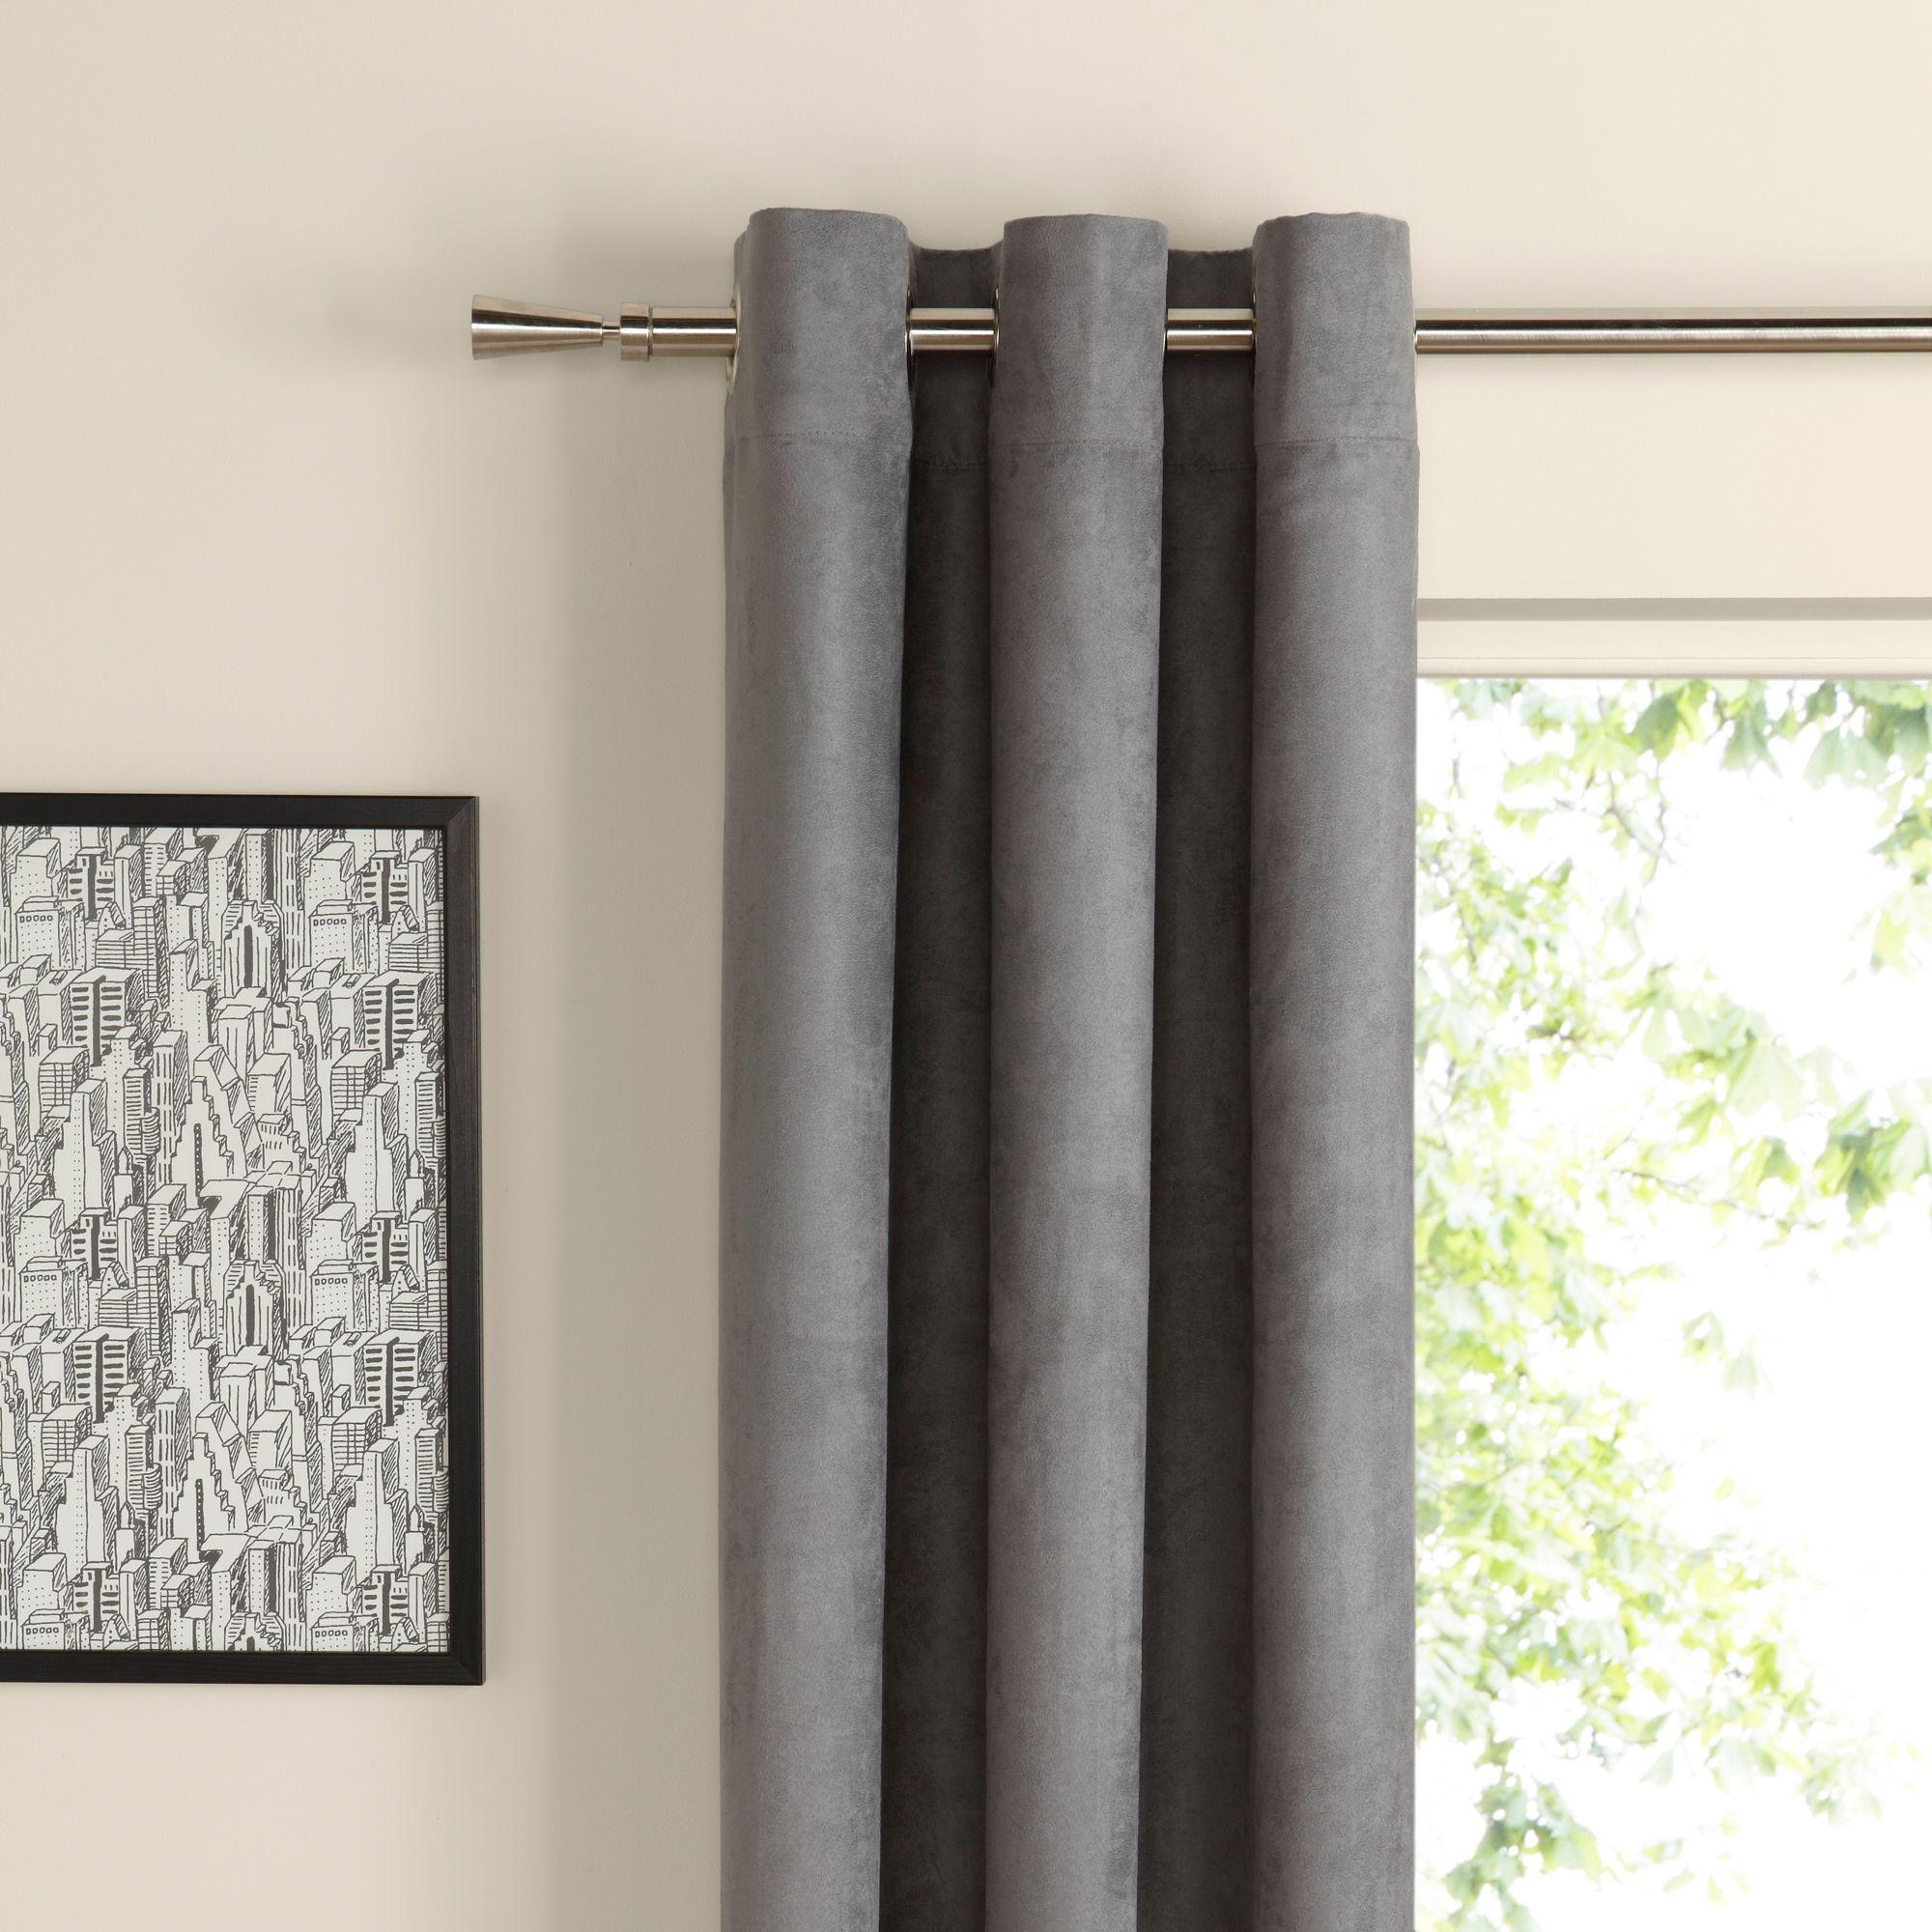 Suedine Concrete Plain Woven Eyelet Curtains (W)117 cm